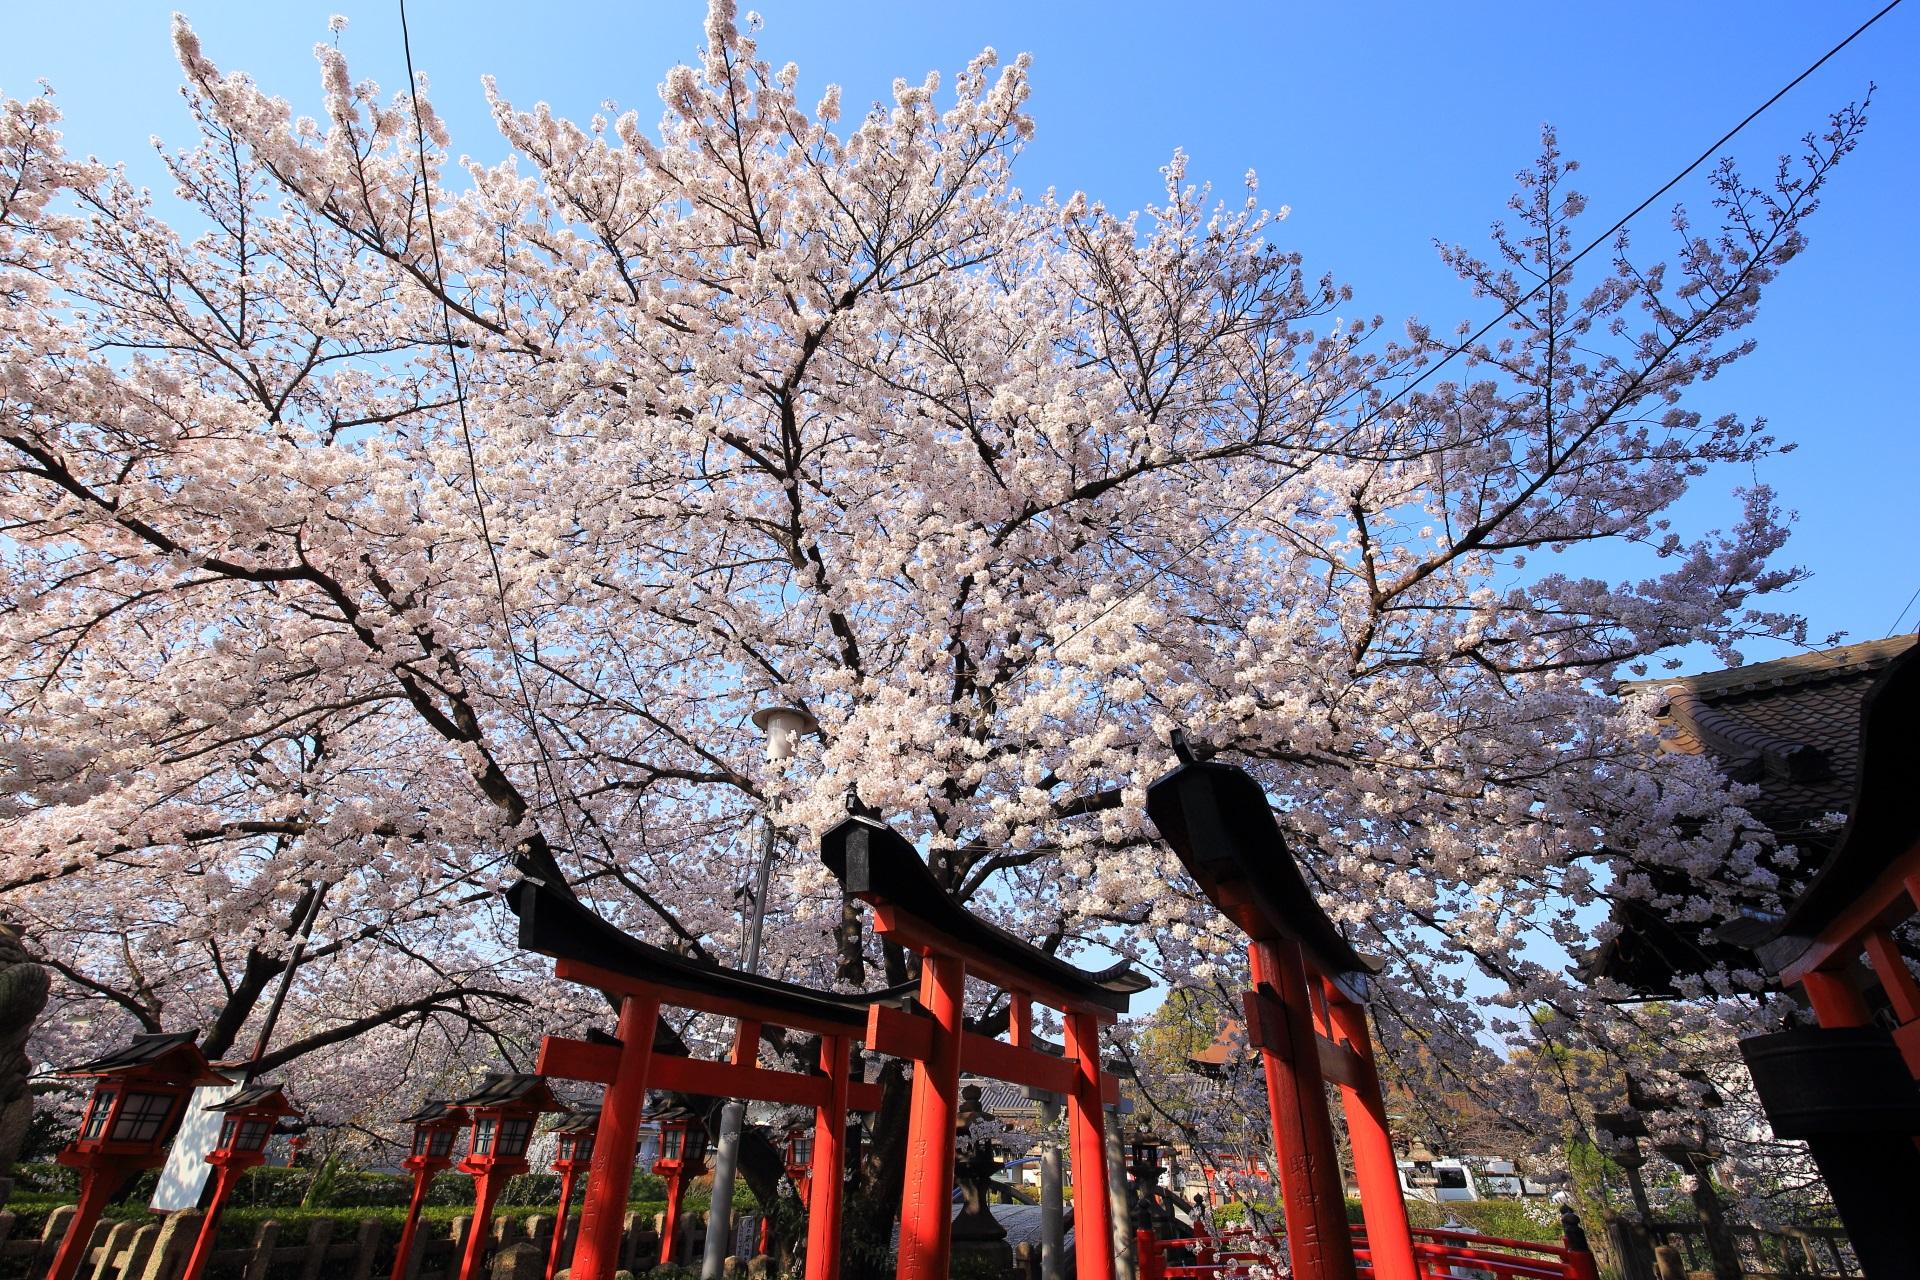 六孫王神社の青空に羽ばたくような優雅な桜